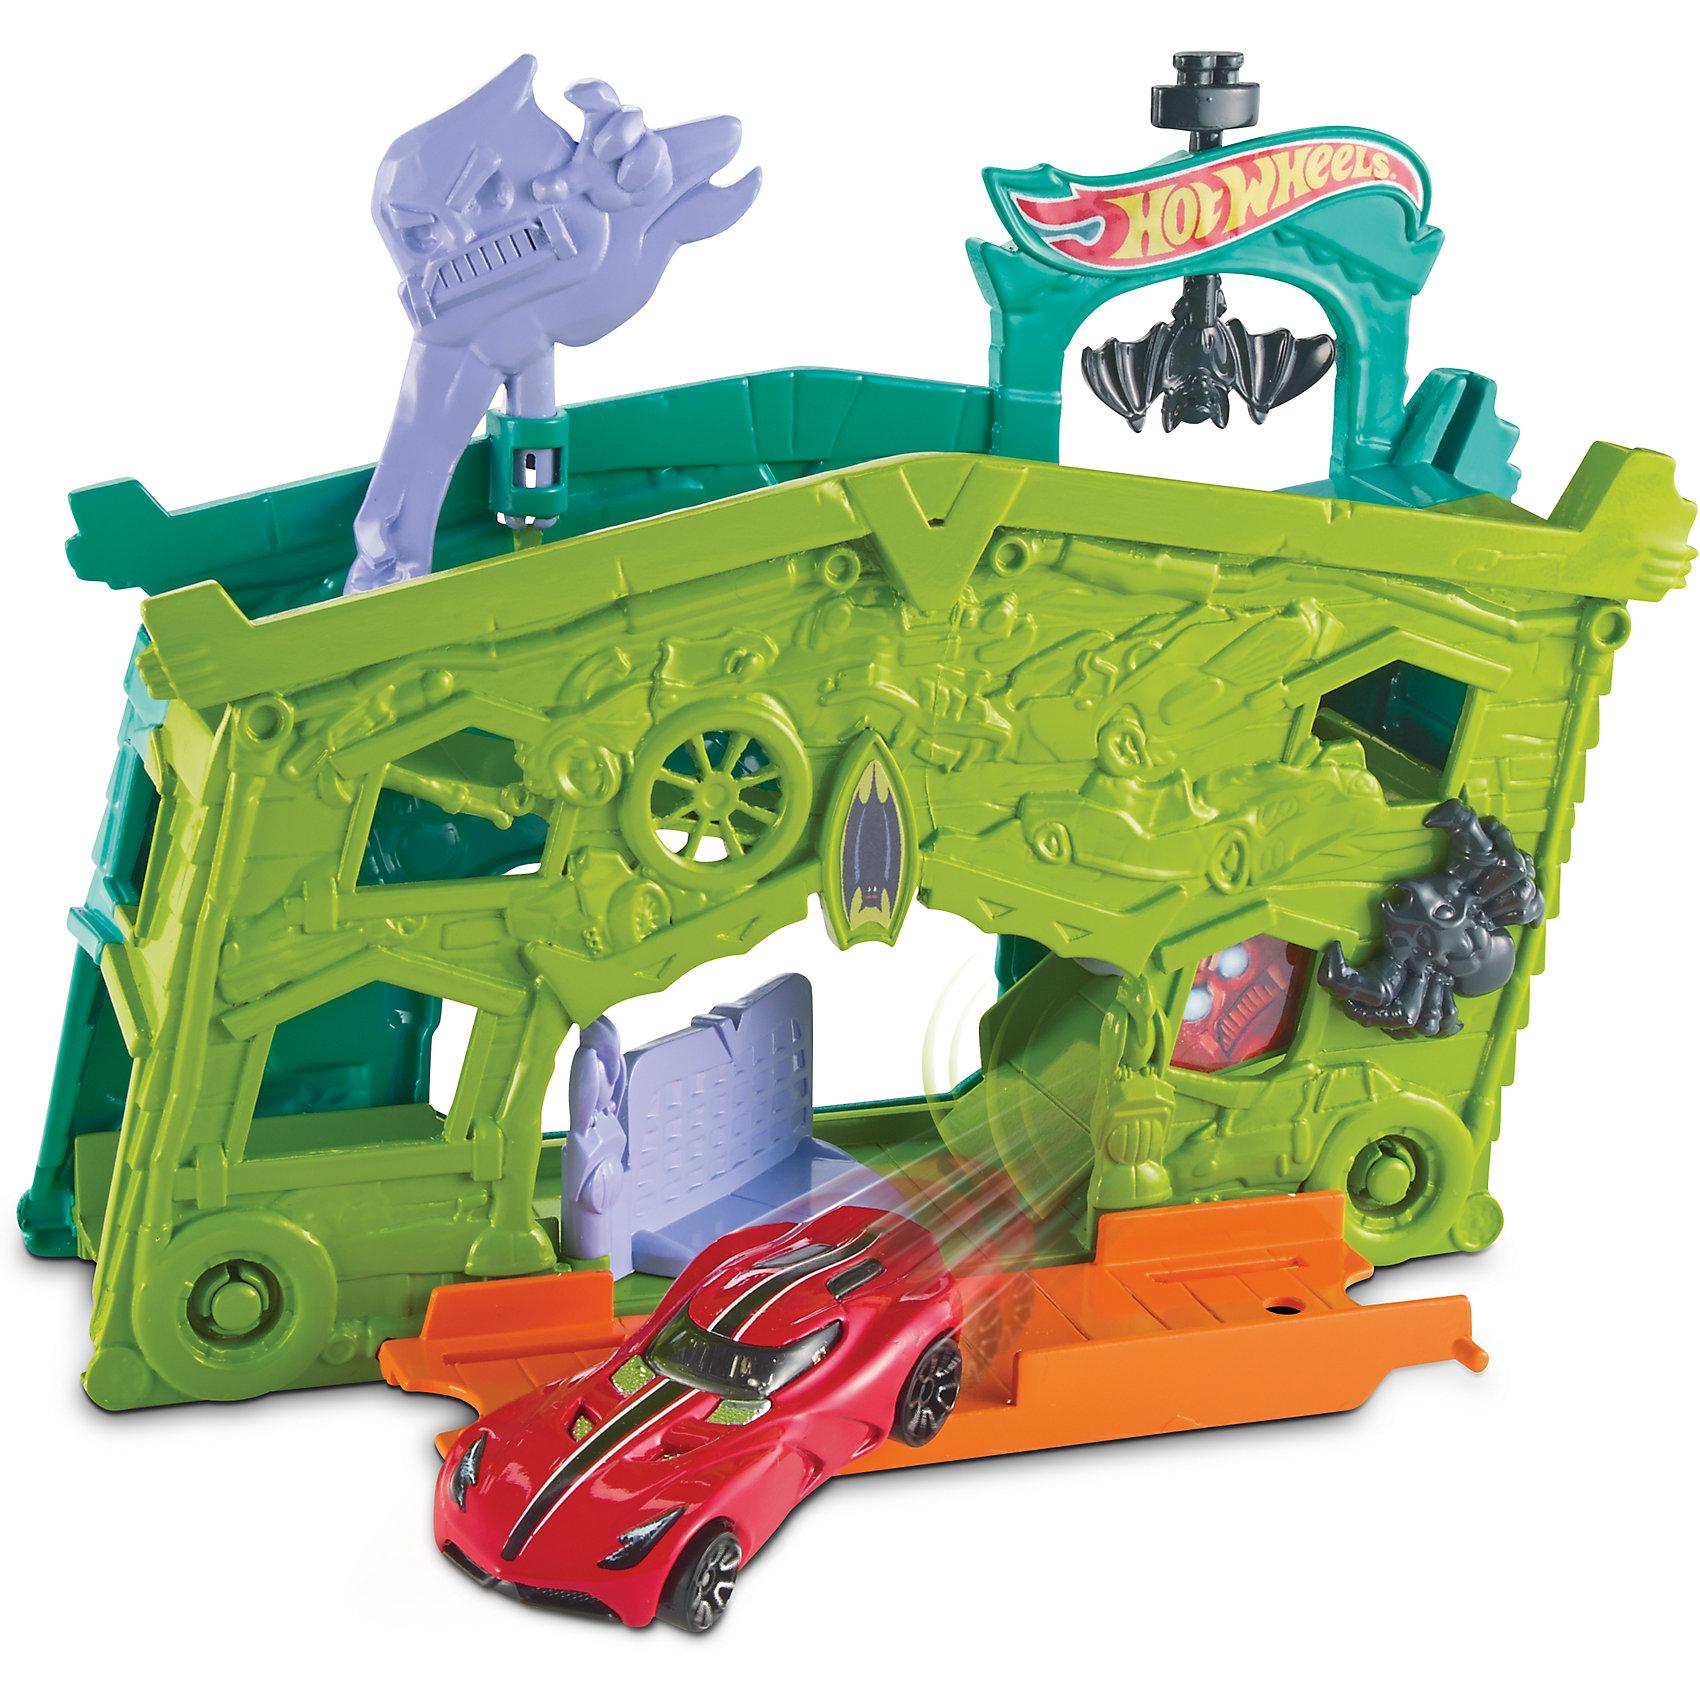 Трансформирующийся игровой набор Ghost Garage, Hot WheelsИгровые наборы<br>Характеристики товара:<br><br>• материал: пластик, металл<br>• комплектация: 1 машинка, гараж<br>• хорошая детализация<br>• совместимы с игровыми наборами Hot Wheels<br>• возраст: от 4 лет<br>• размер упаковки: 6.4х20.3х19 см<br>• упаковка: блистер на картоне<br>• страна бренда: США<br><br>Играть с машинками обожает множество современных мальчишек. Сделать ребенку желанный подарок легко - приобретите такой набор Ghost Garage от бренда Hot Wheels! В него входит машинка и загадочный гараж с секретом, где можно хранить машину после гонок.<br><br>Эти игрушки от Mattel отлично проработаны. Они отличаются безопасными материалами и высокой степенью детализации. С таким набором можно придумать множество игр! Параллельно ребенок будет развивать фантазию, пространственное мышление и мелкую моторику.<br><br>Трансформирующийся игровой набор Ghost Garage, Hot Wheels, от компании Mattel можно купить в нашем интернет-магазине.<br><br>Ширина мм: 205<br>Глубина мм: 65<br>Высота мм: 190<br>Вес г: 322<br>Возраст от месяцев: 48<br>Возраст до месяцев: 120<br>Пол: Мужской<br>Возраст: Детский<br>SKU: 5389682